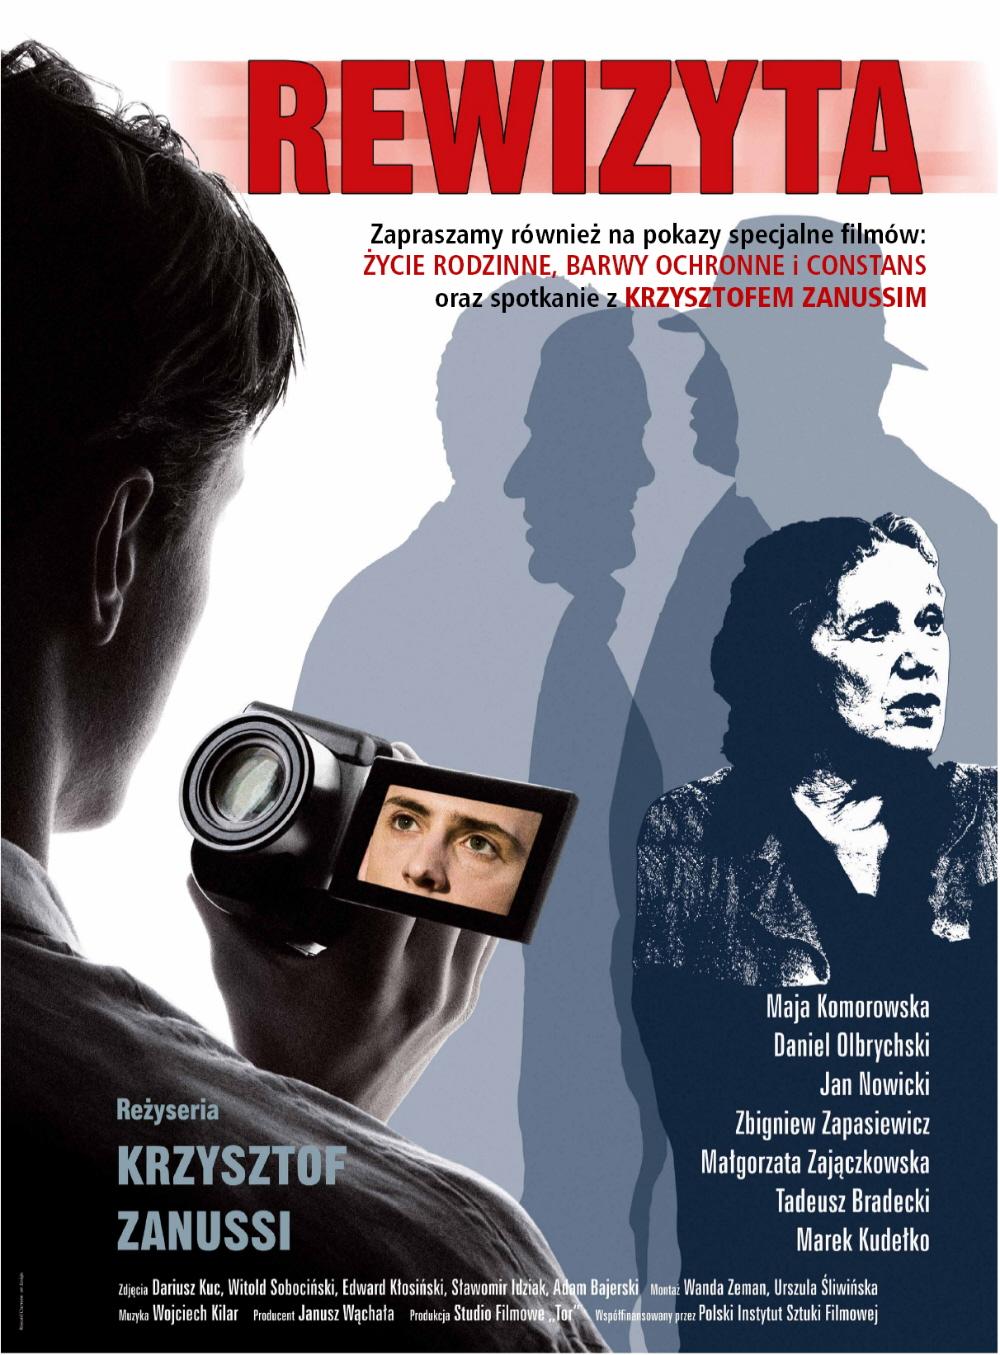 Filmowa Rewizyta - plakat